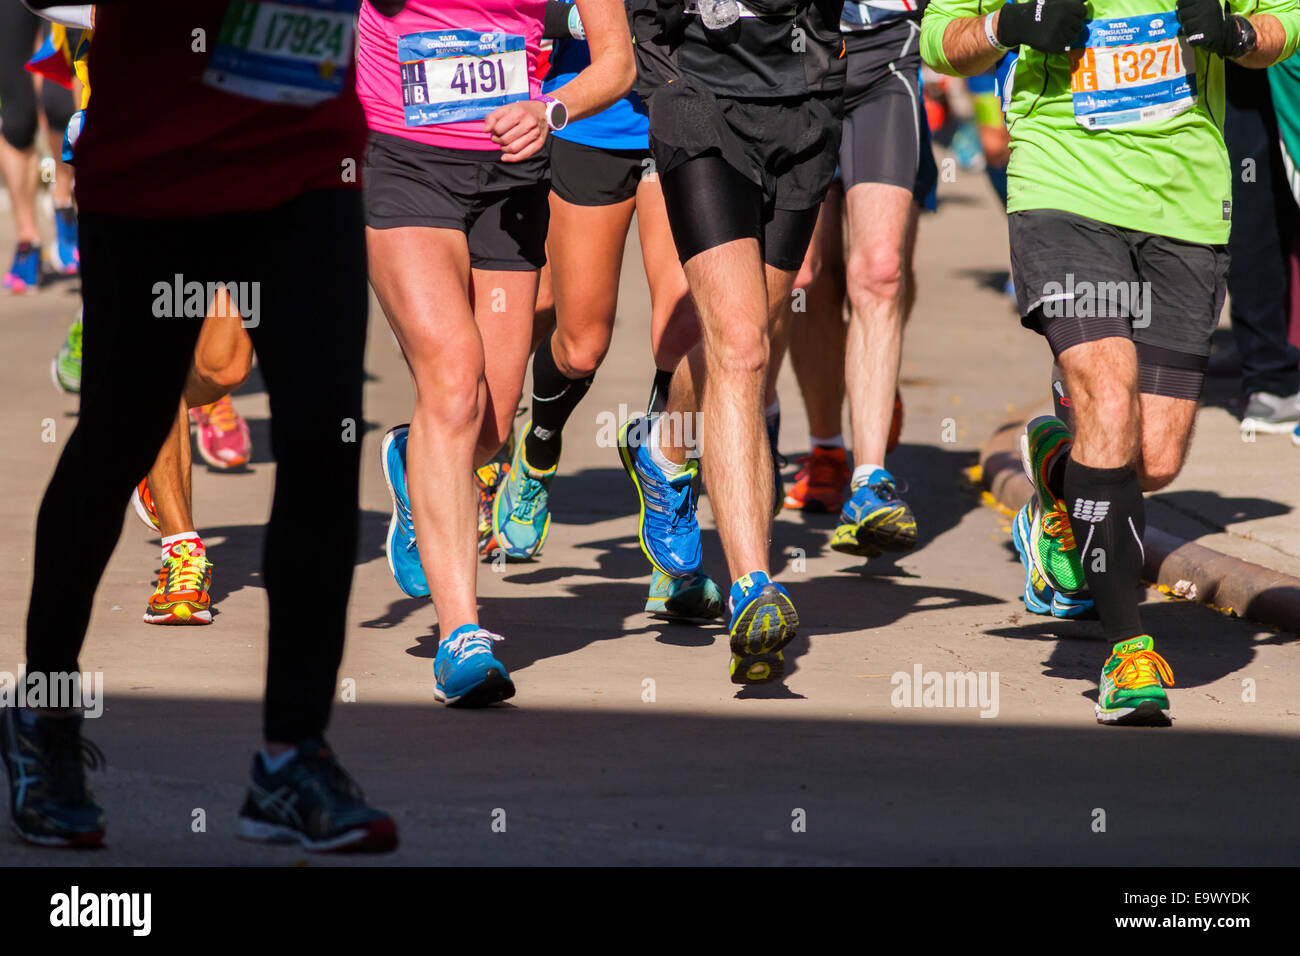 Läufer tragen modische bunte Turnschuhe als Durchgang durch Harlem in New York-Marathon Stockbild